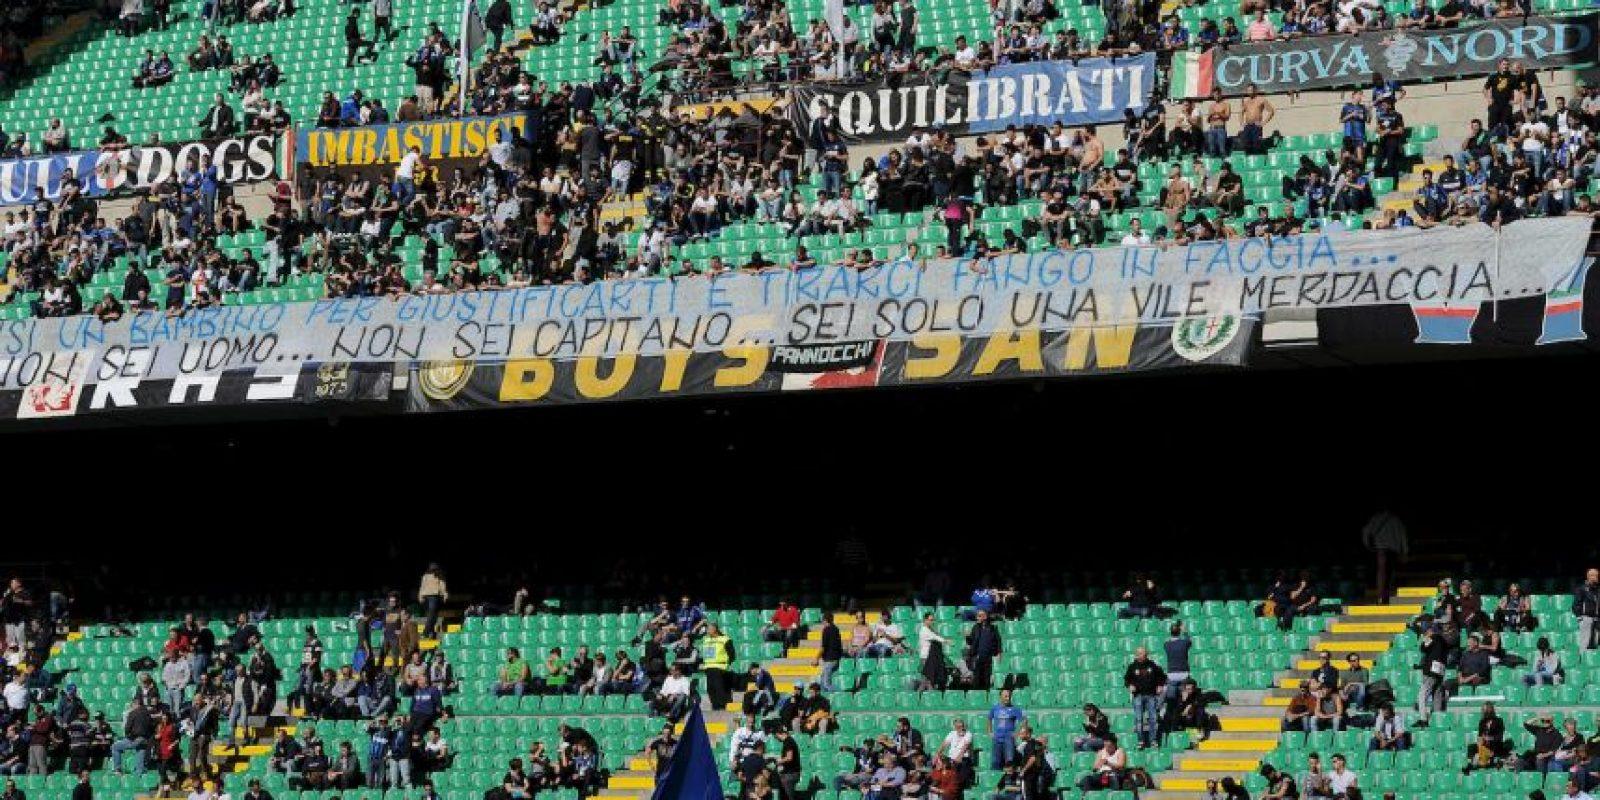 Las amenazantes pancartas abundaron en el Giuseppe Meazza. Foto:Getty Images